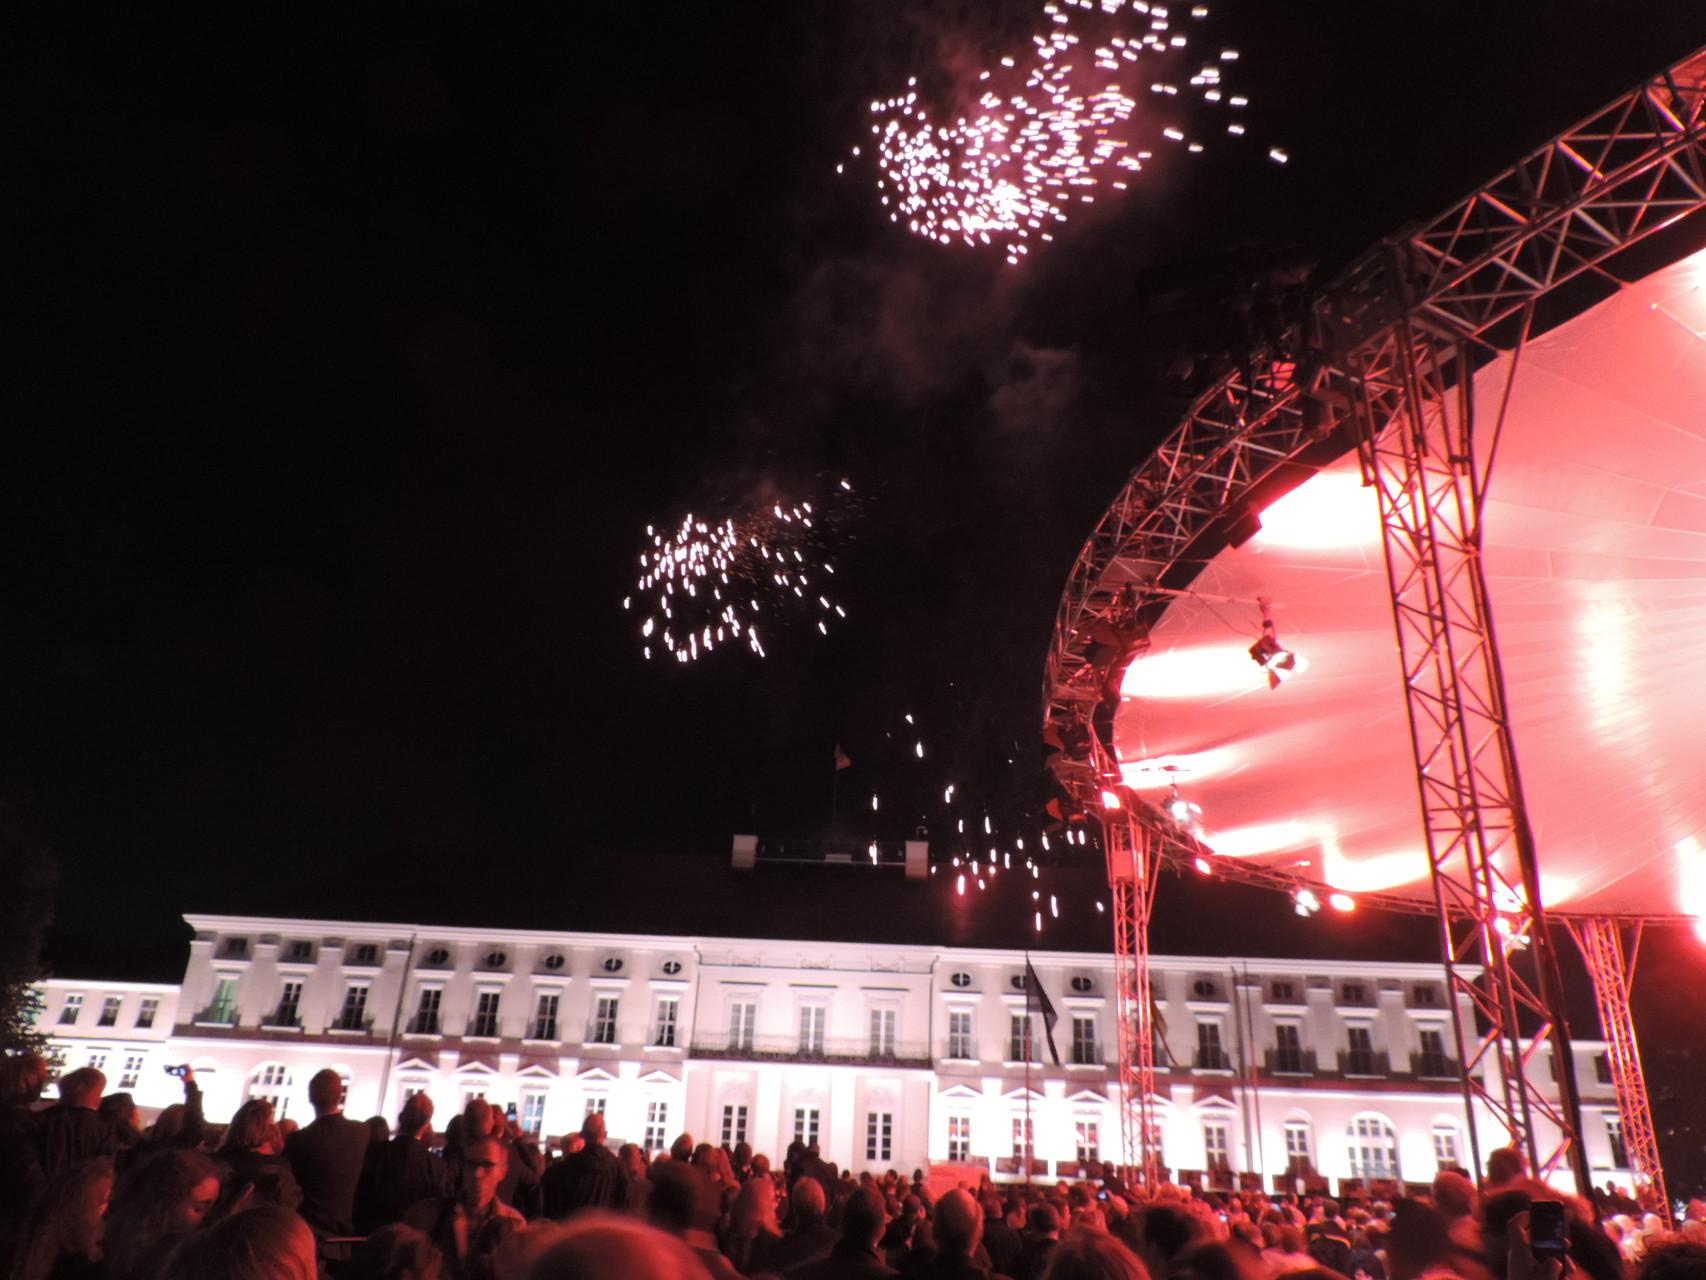 ...mit einem fulminanten Feuerwerk (auch wenn es dieses Bild nicht erahnen lässt - der Fotograf war am Ende leider zu geflasht, um noch Bilder zu machen^^)